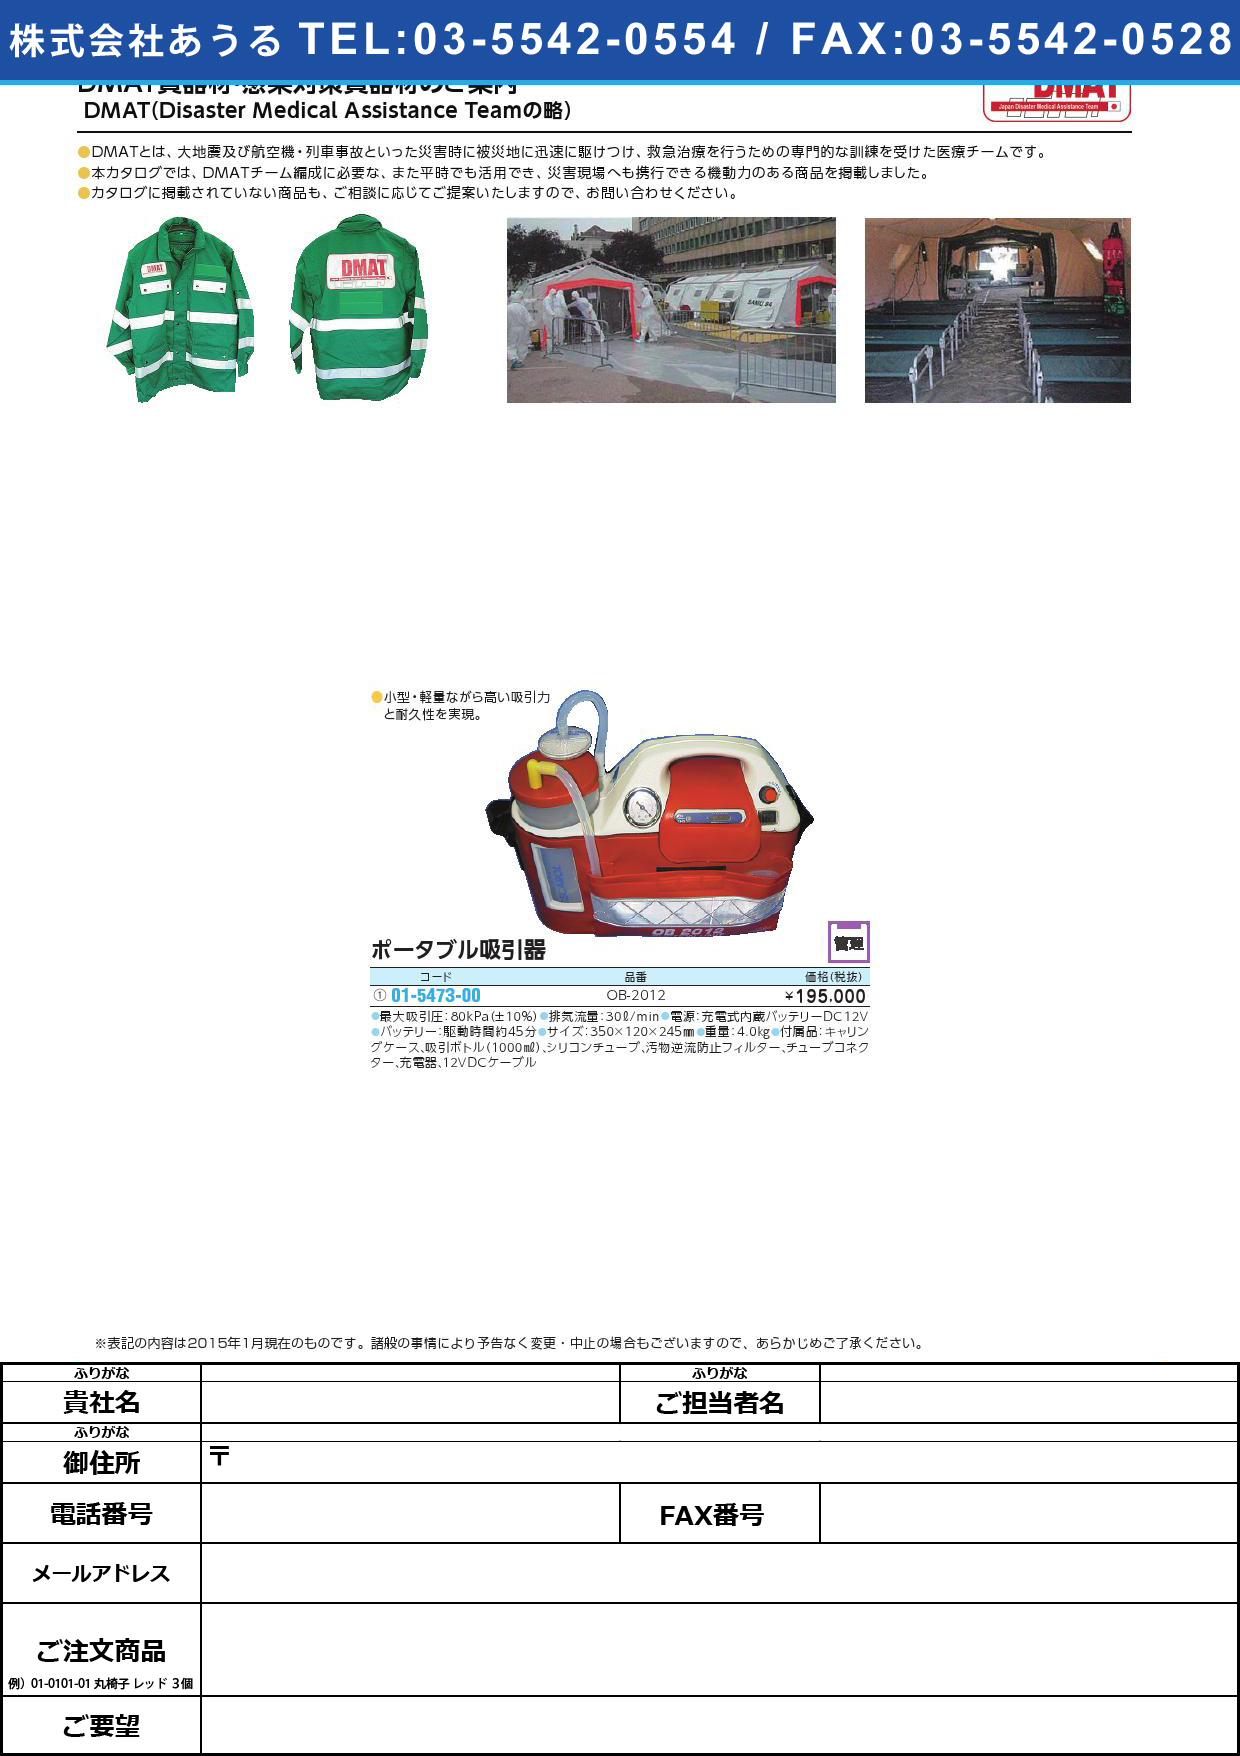 小型吸引器 コガタキュウインキ OB-2012【1台単位】(01-5473-00)